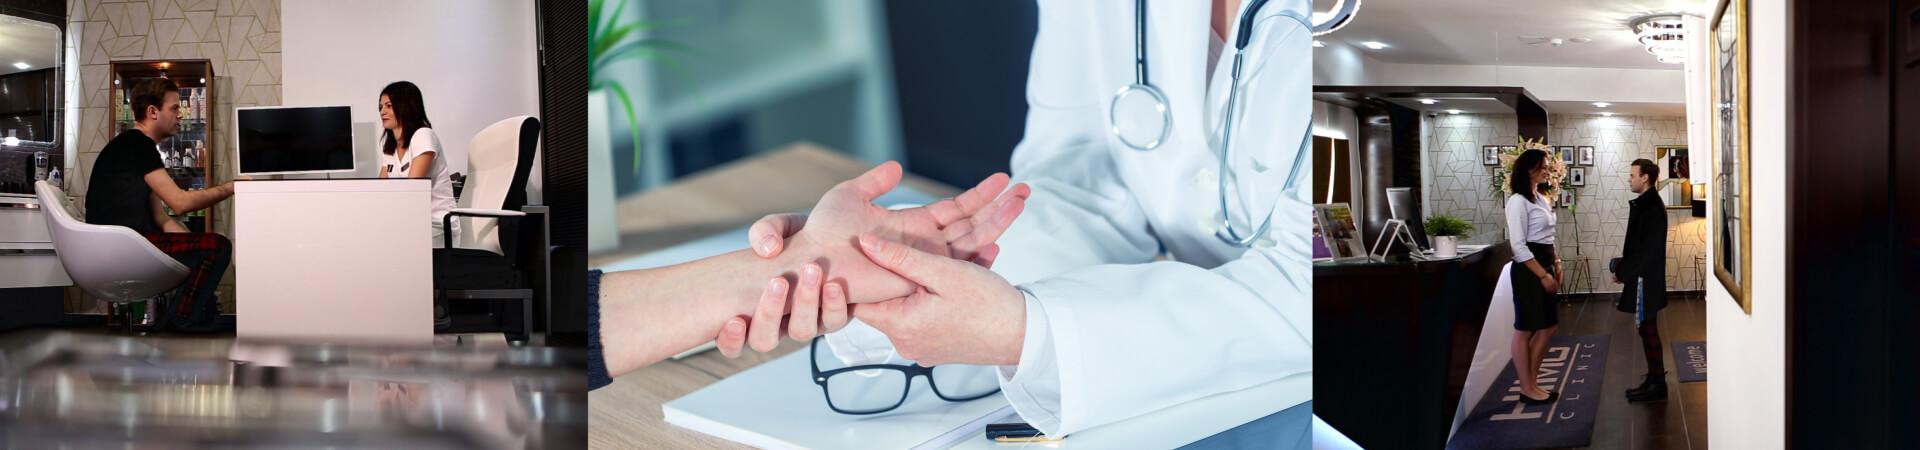 Ortopéd szakorvos állás